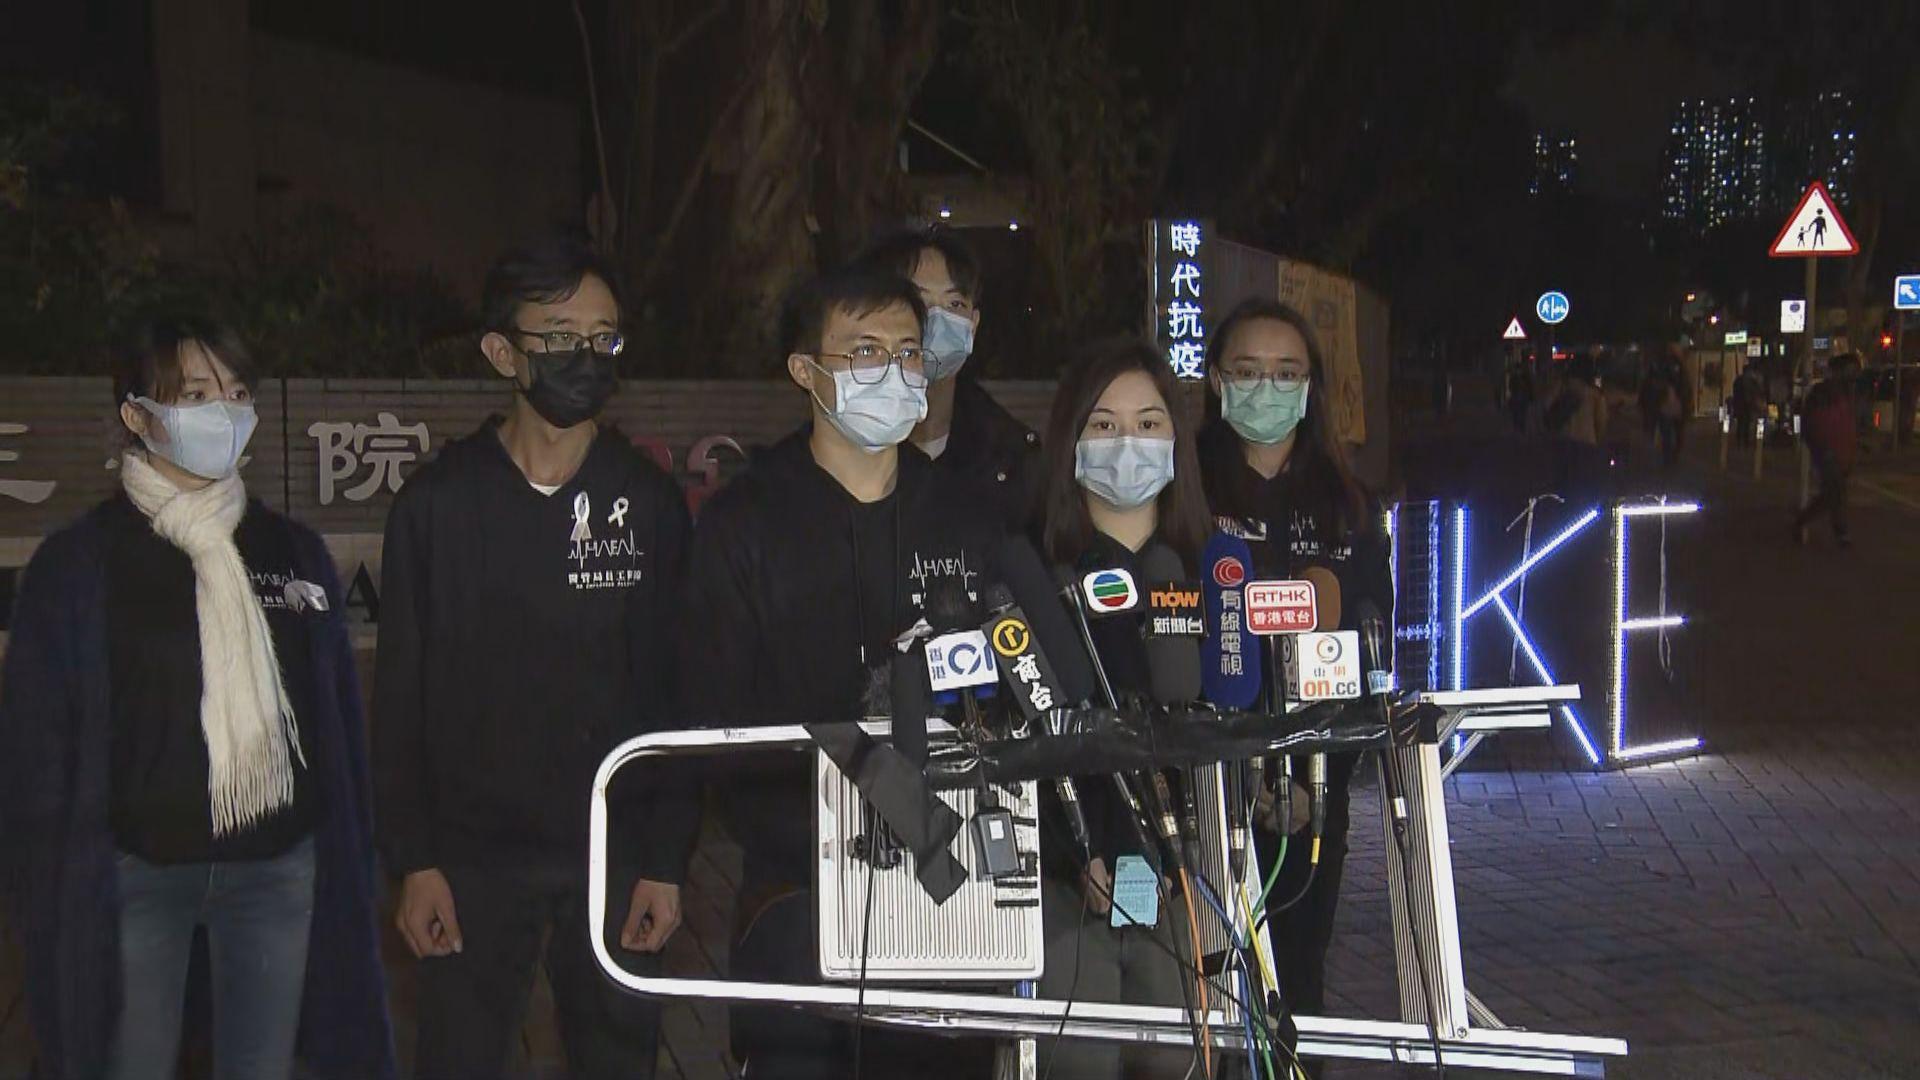 醫管局員工陣線:周三到特首辦要求林鄭月娥公開對話